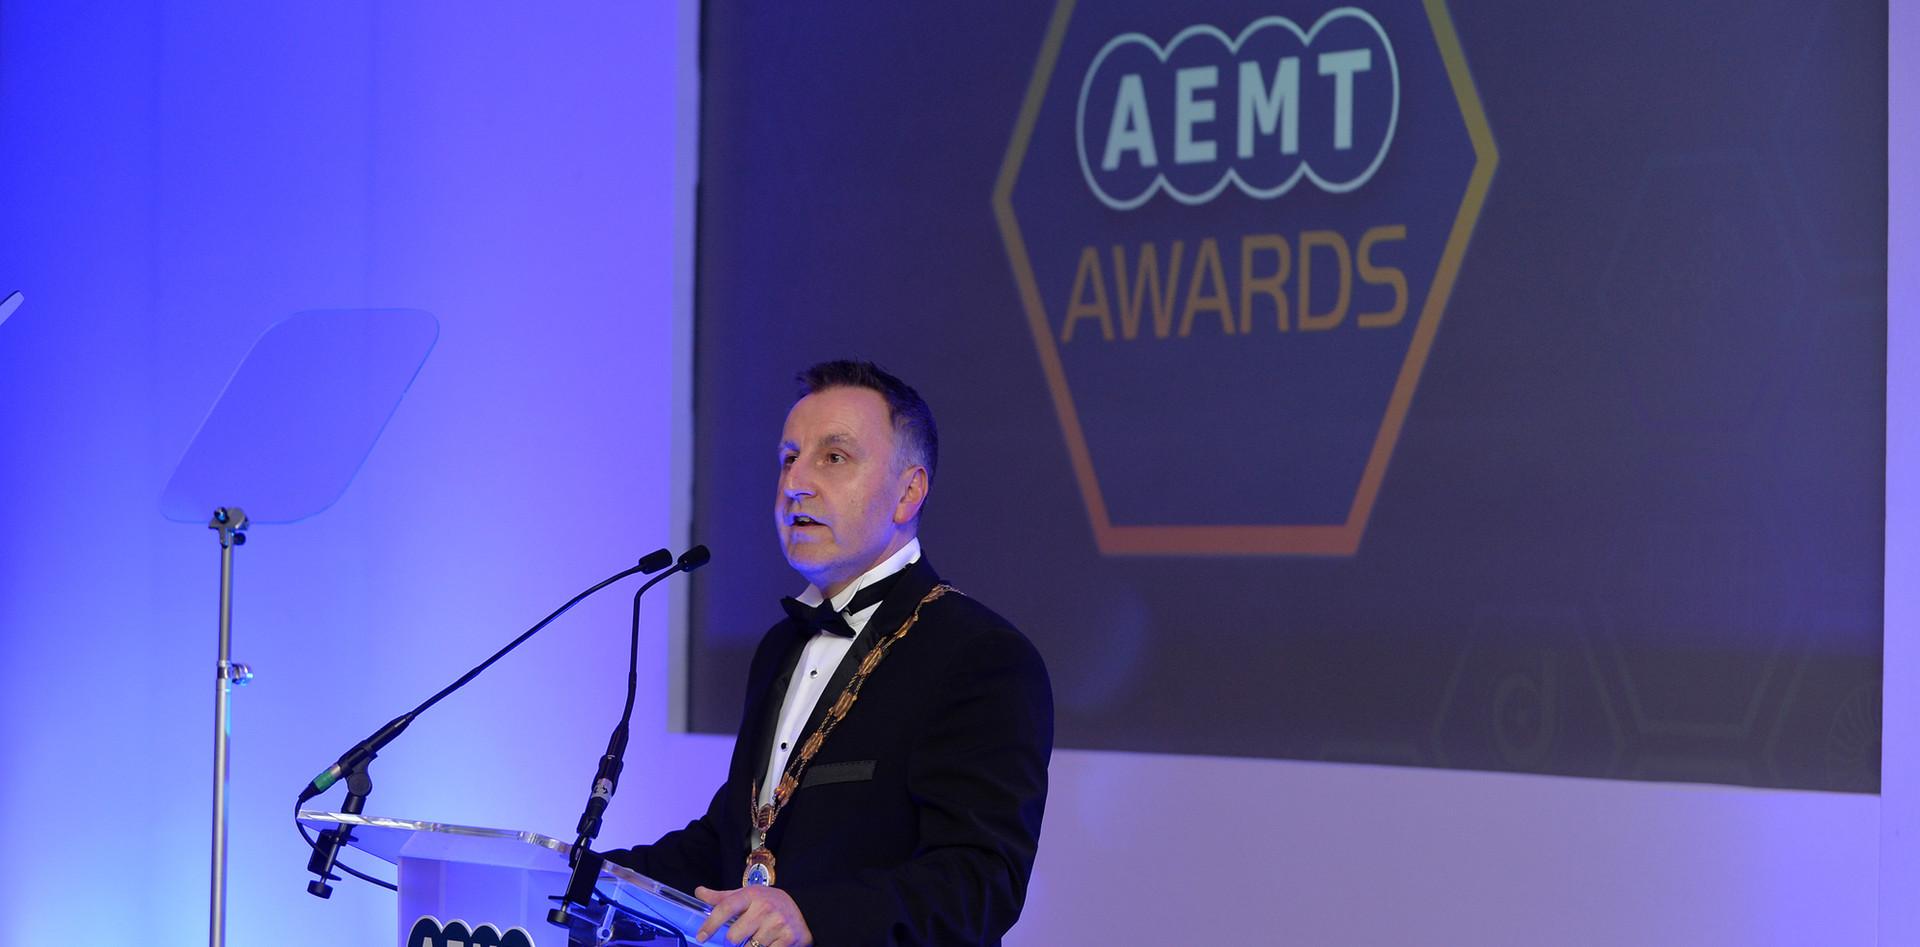 AEMT_Awards-208.jpg